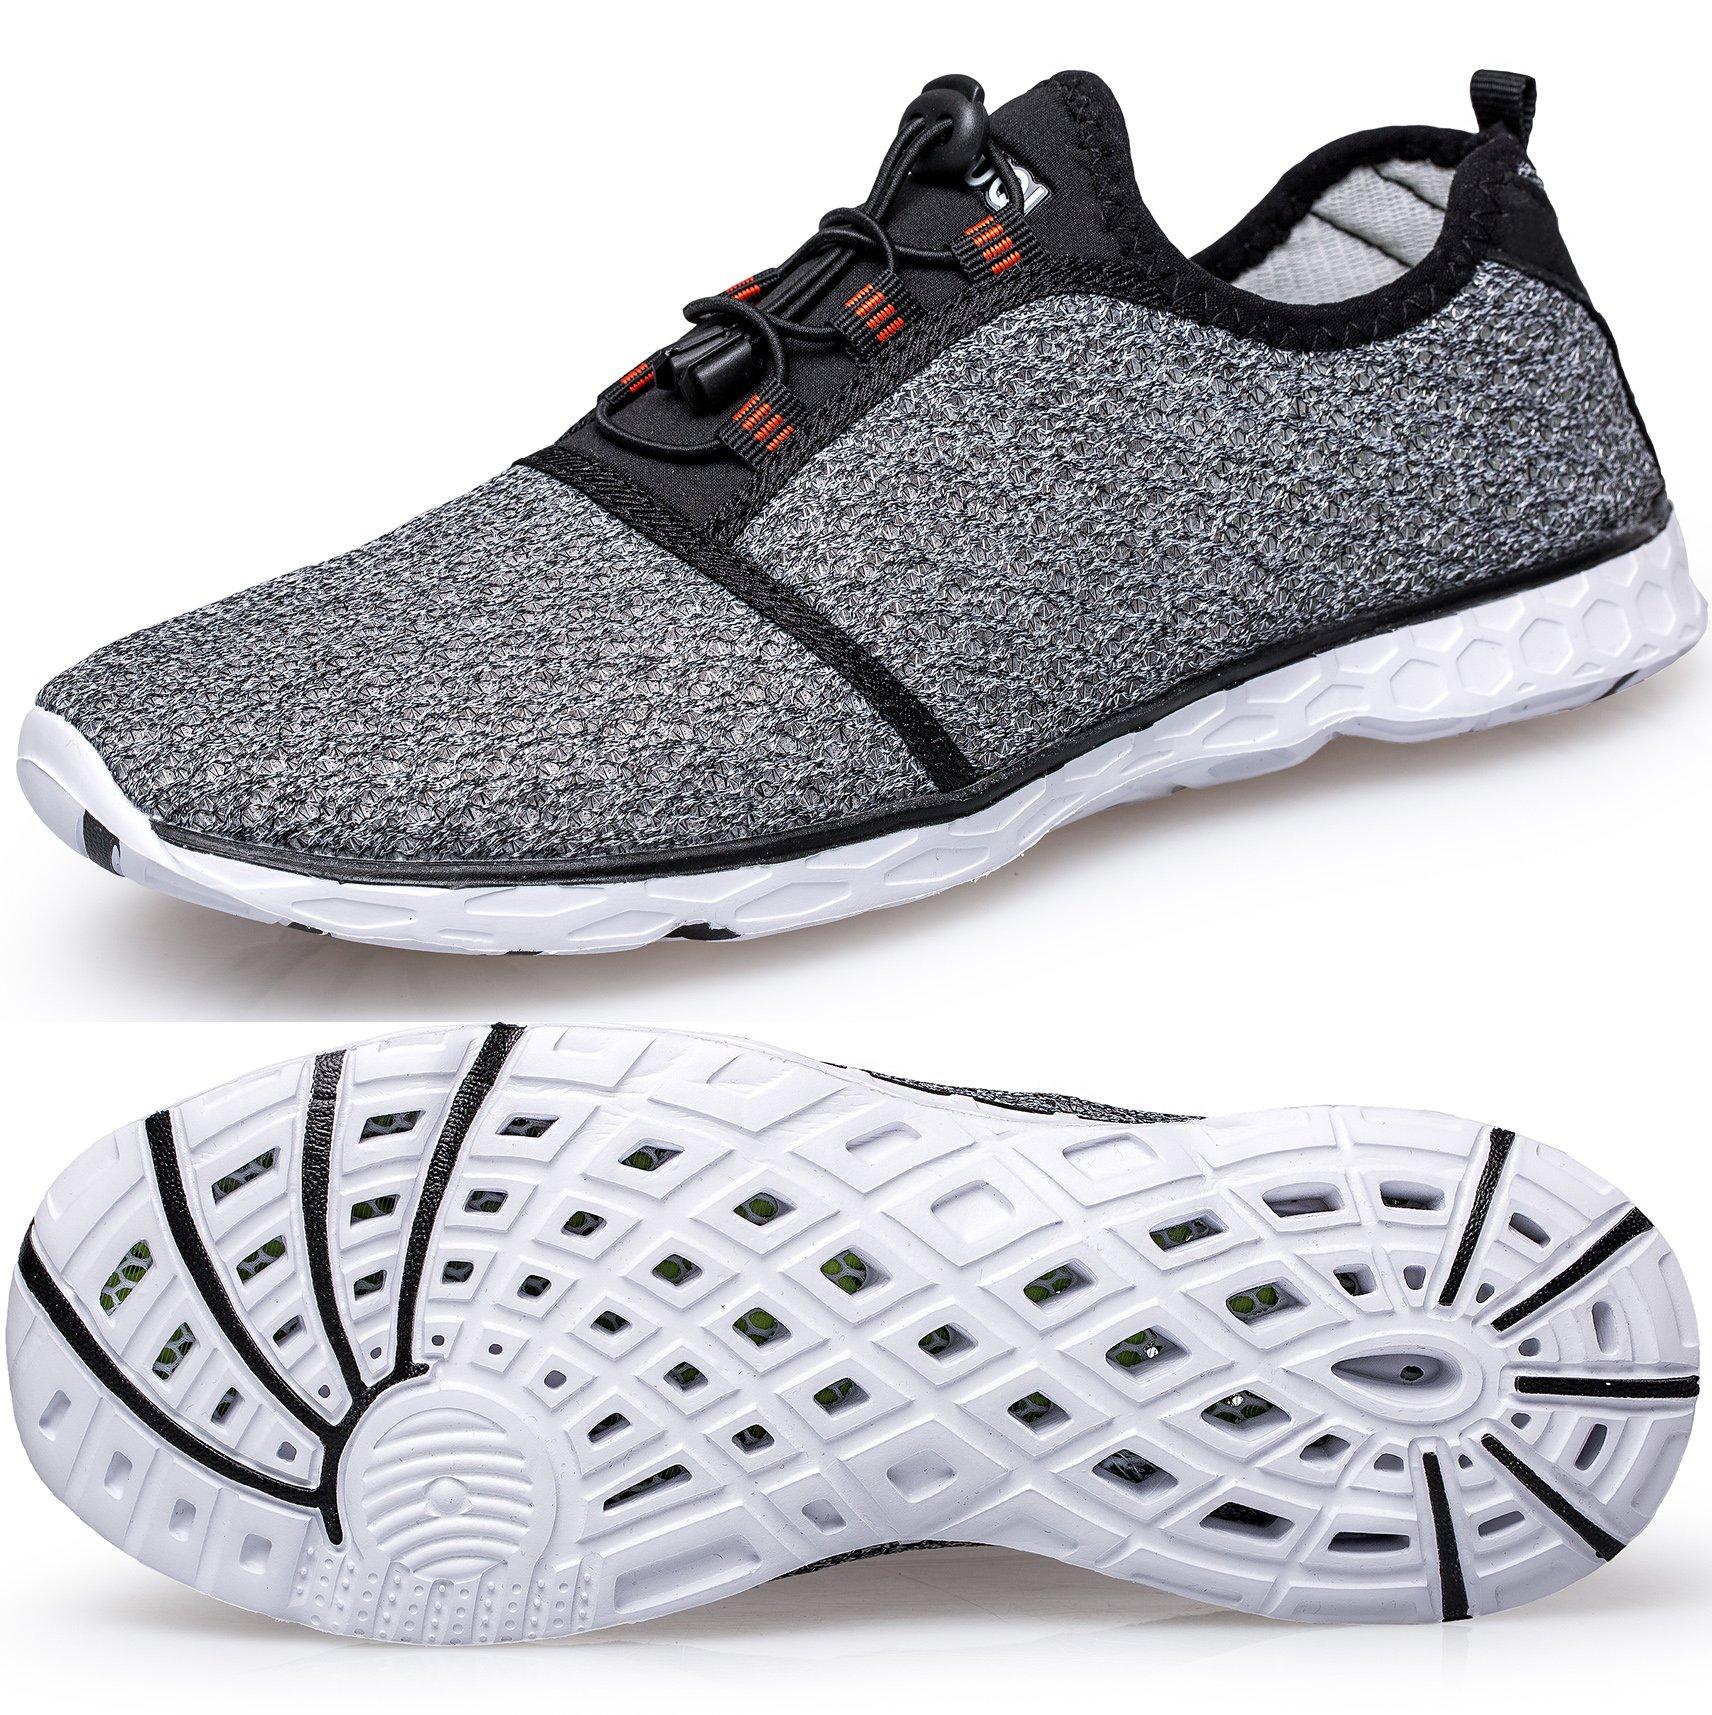 TIANYUQI Women's Mesh Slip On Water Shoes